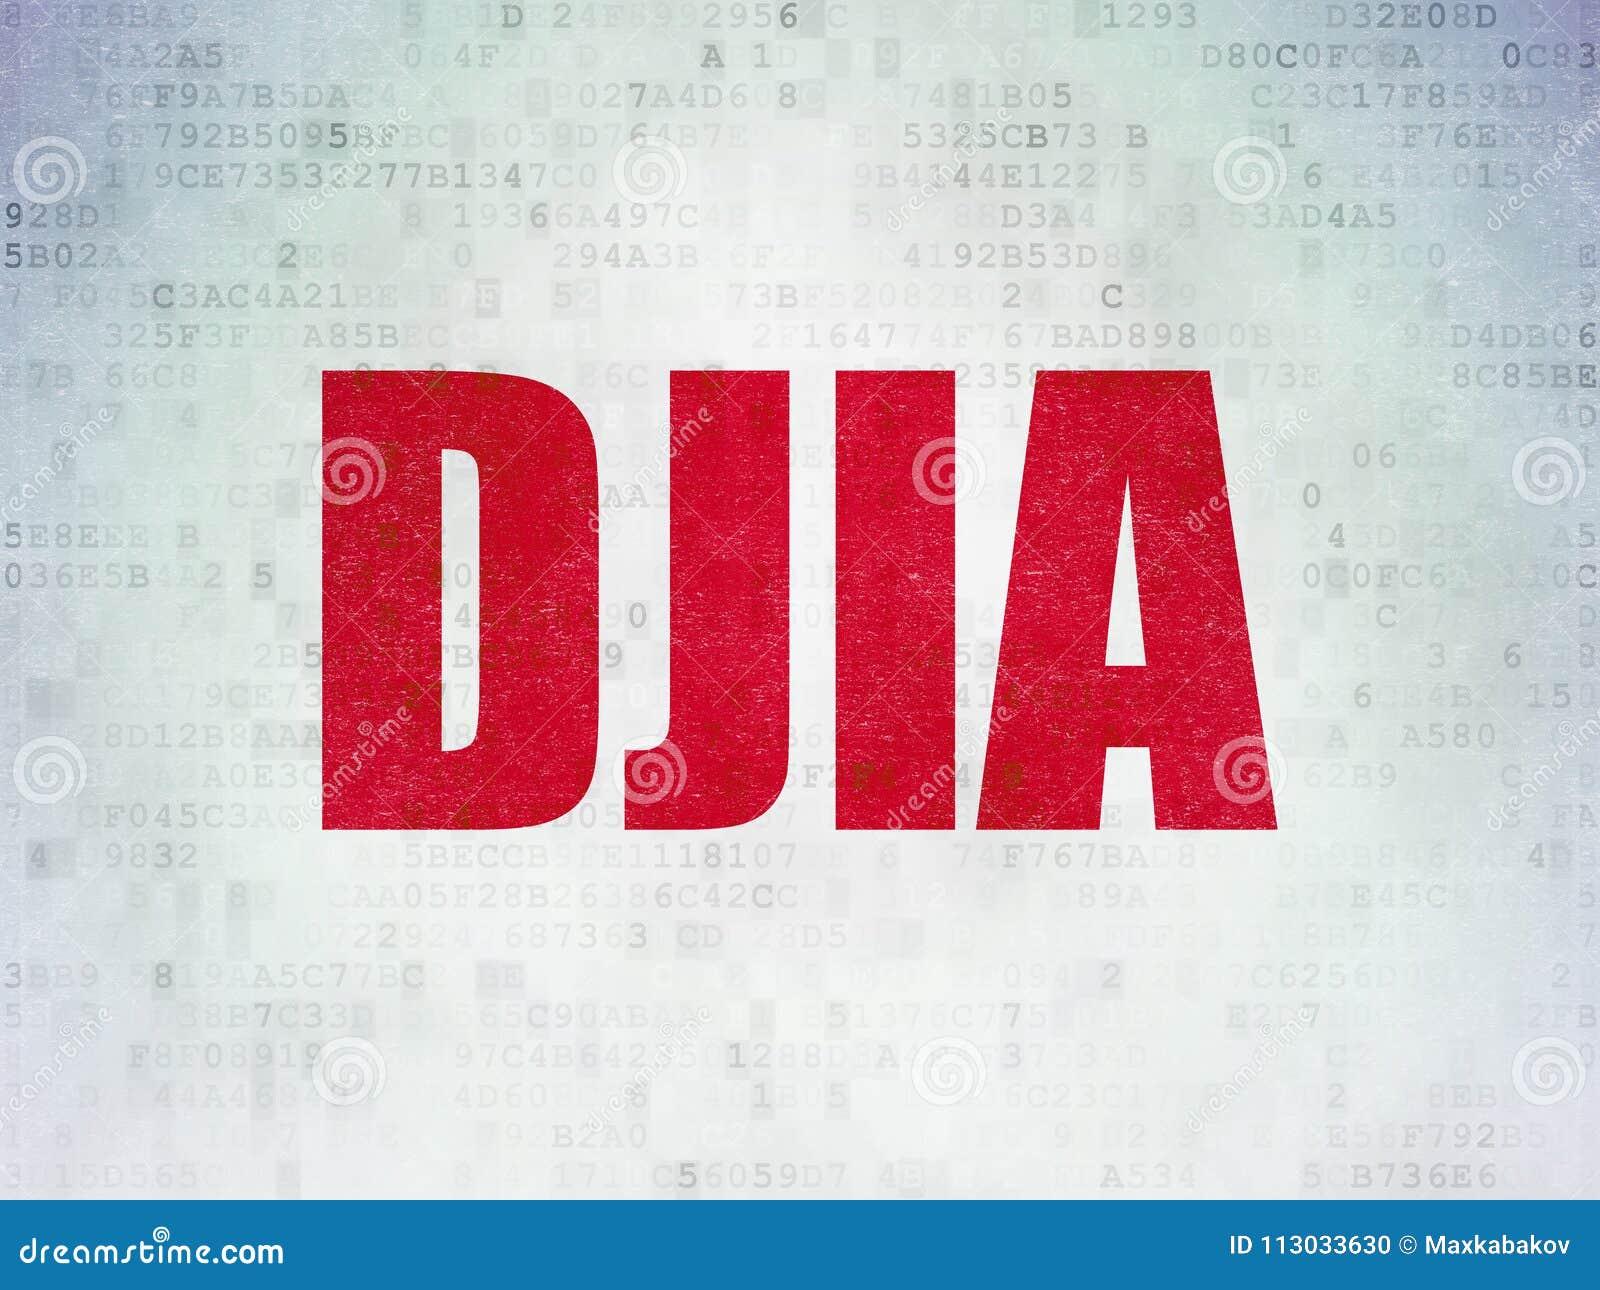 El mercado de acción pone en un índice concepto: DJIA en datos digitales empapela el fondo